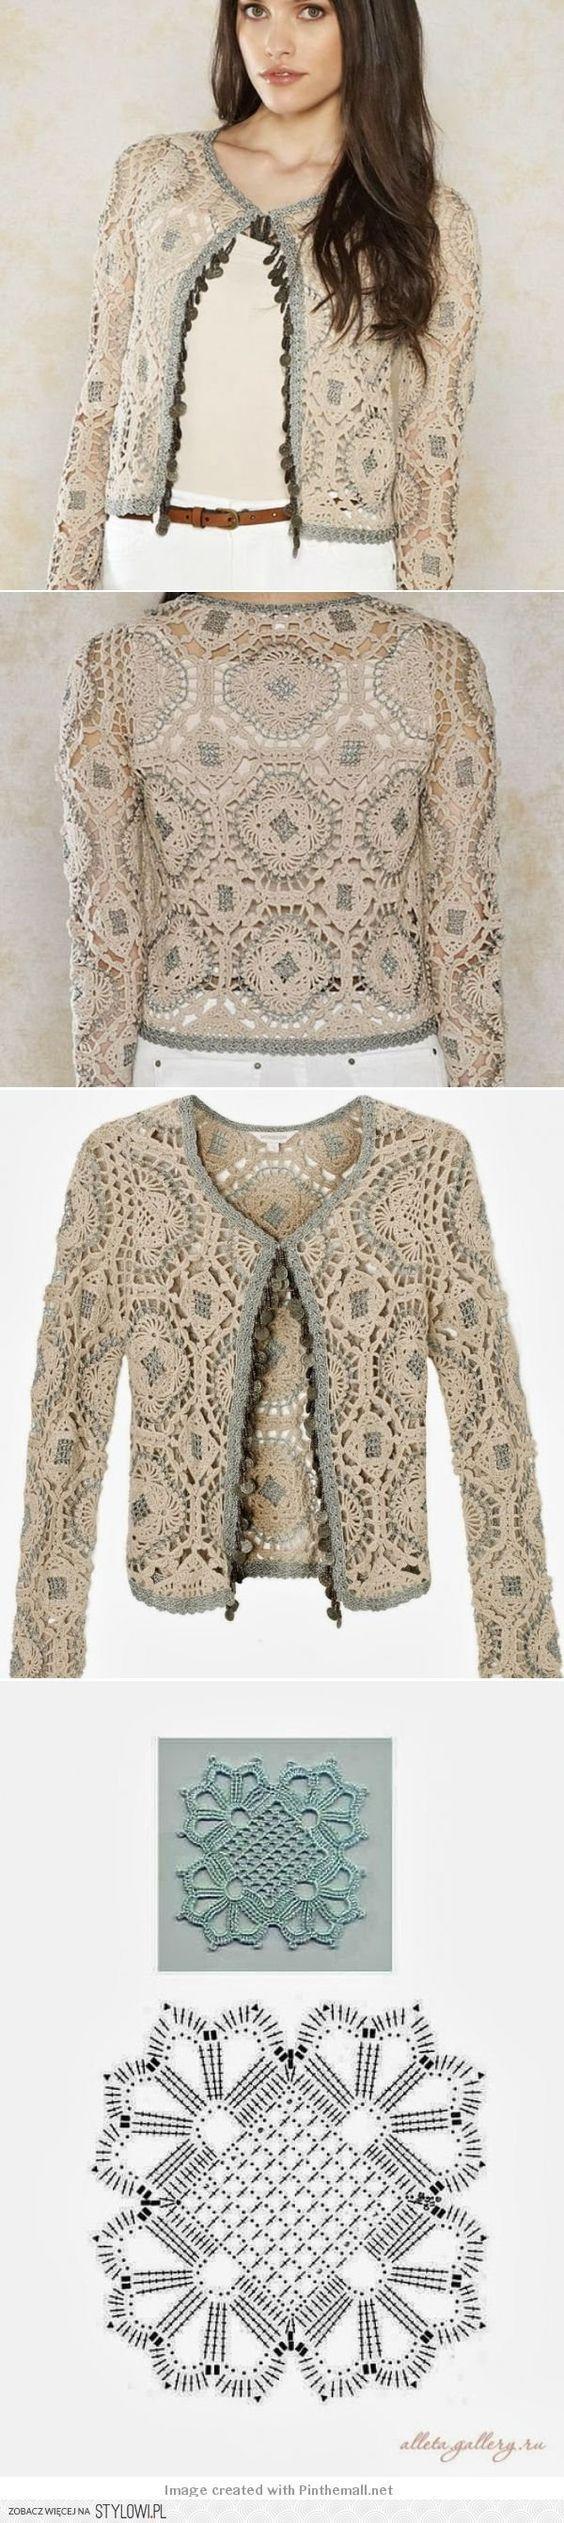 142 mejores imágenes de crochet nice pattern en Pinterest | Patrones ...